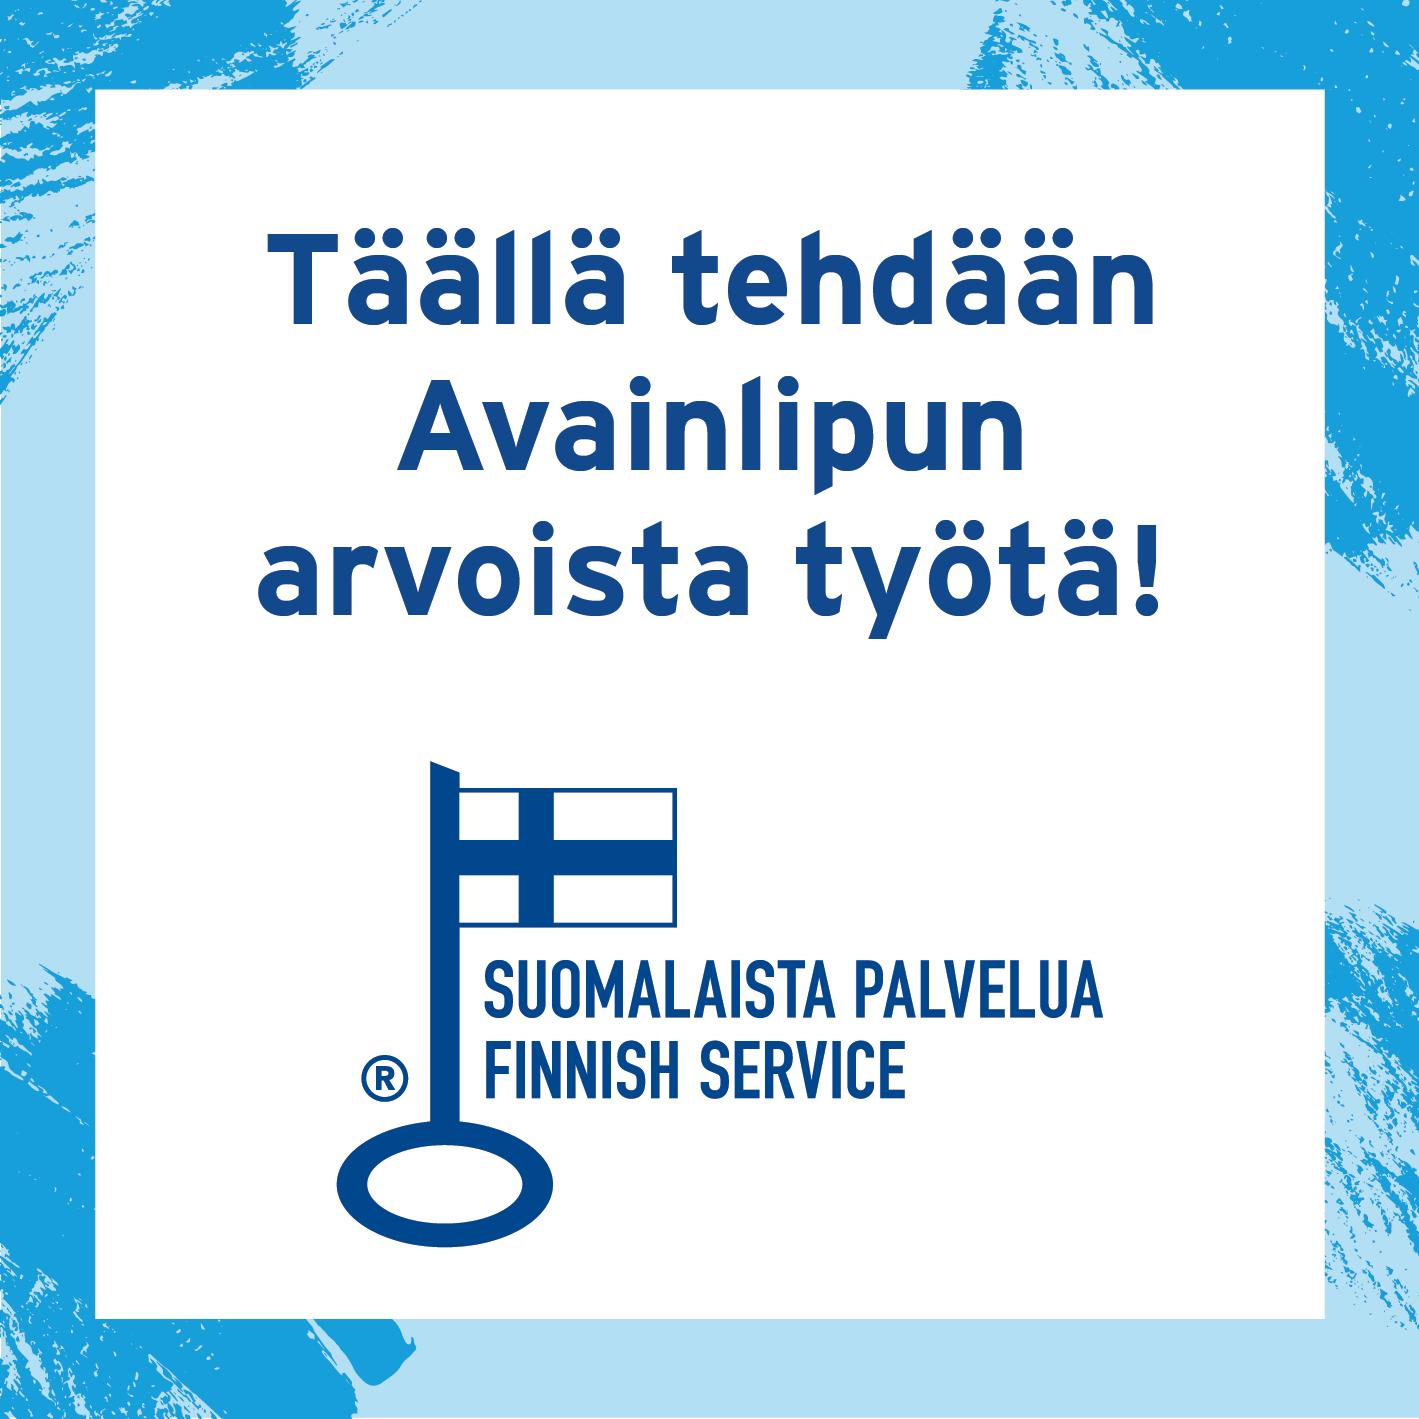 Teijo-Talot tekee Avainlipun arvoista työtä banneri.